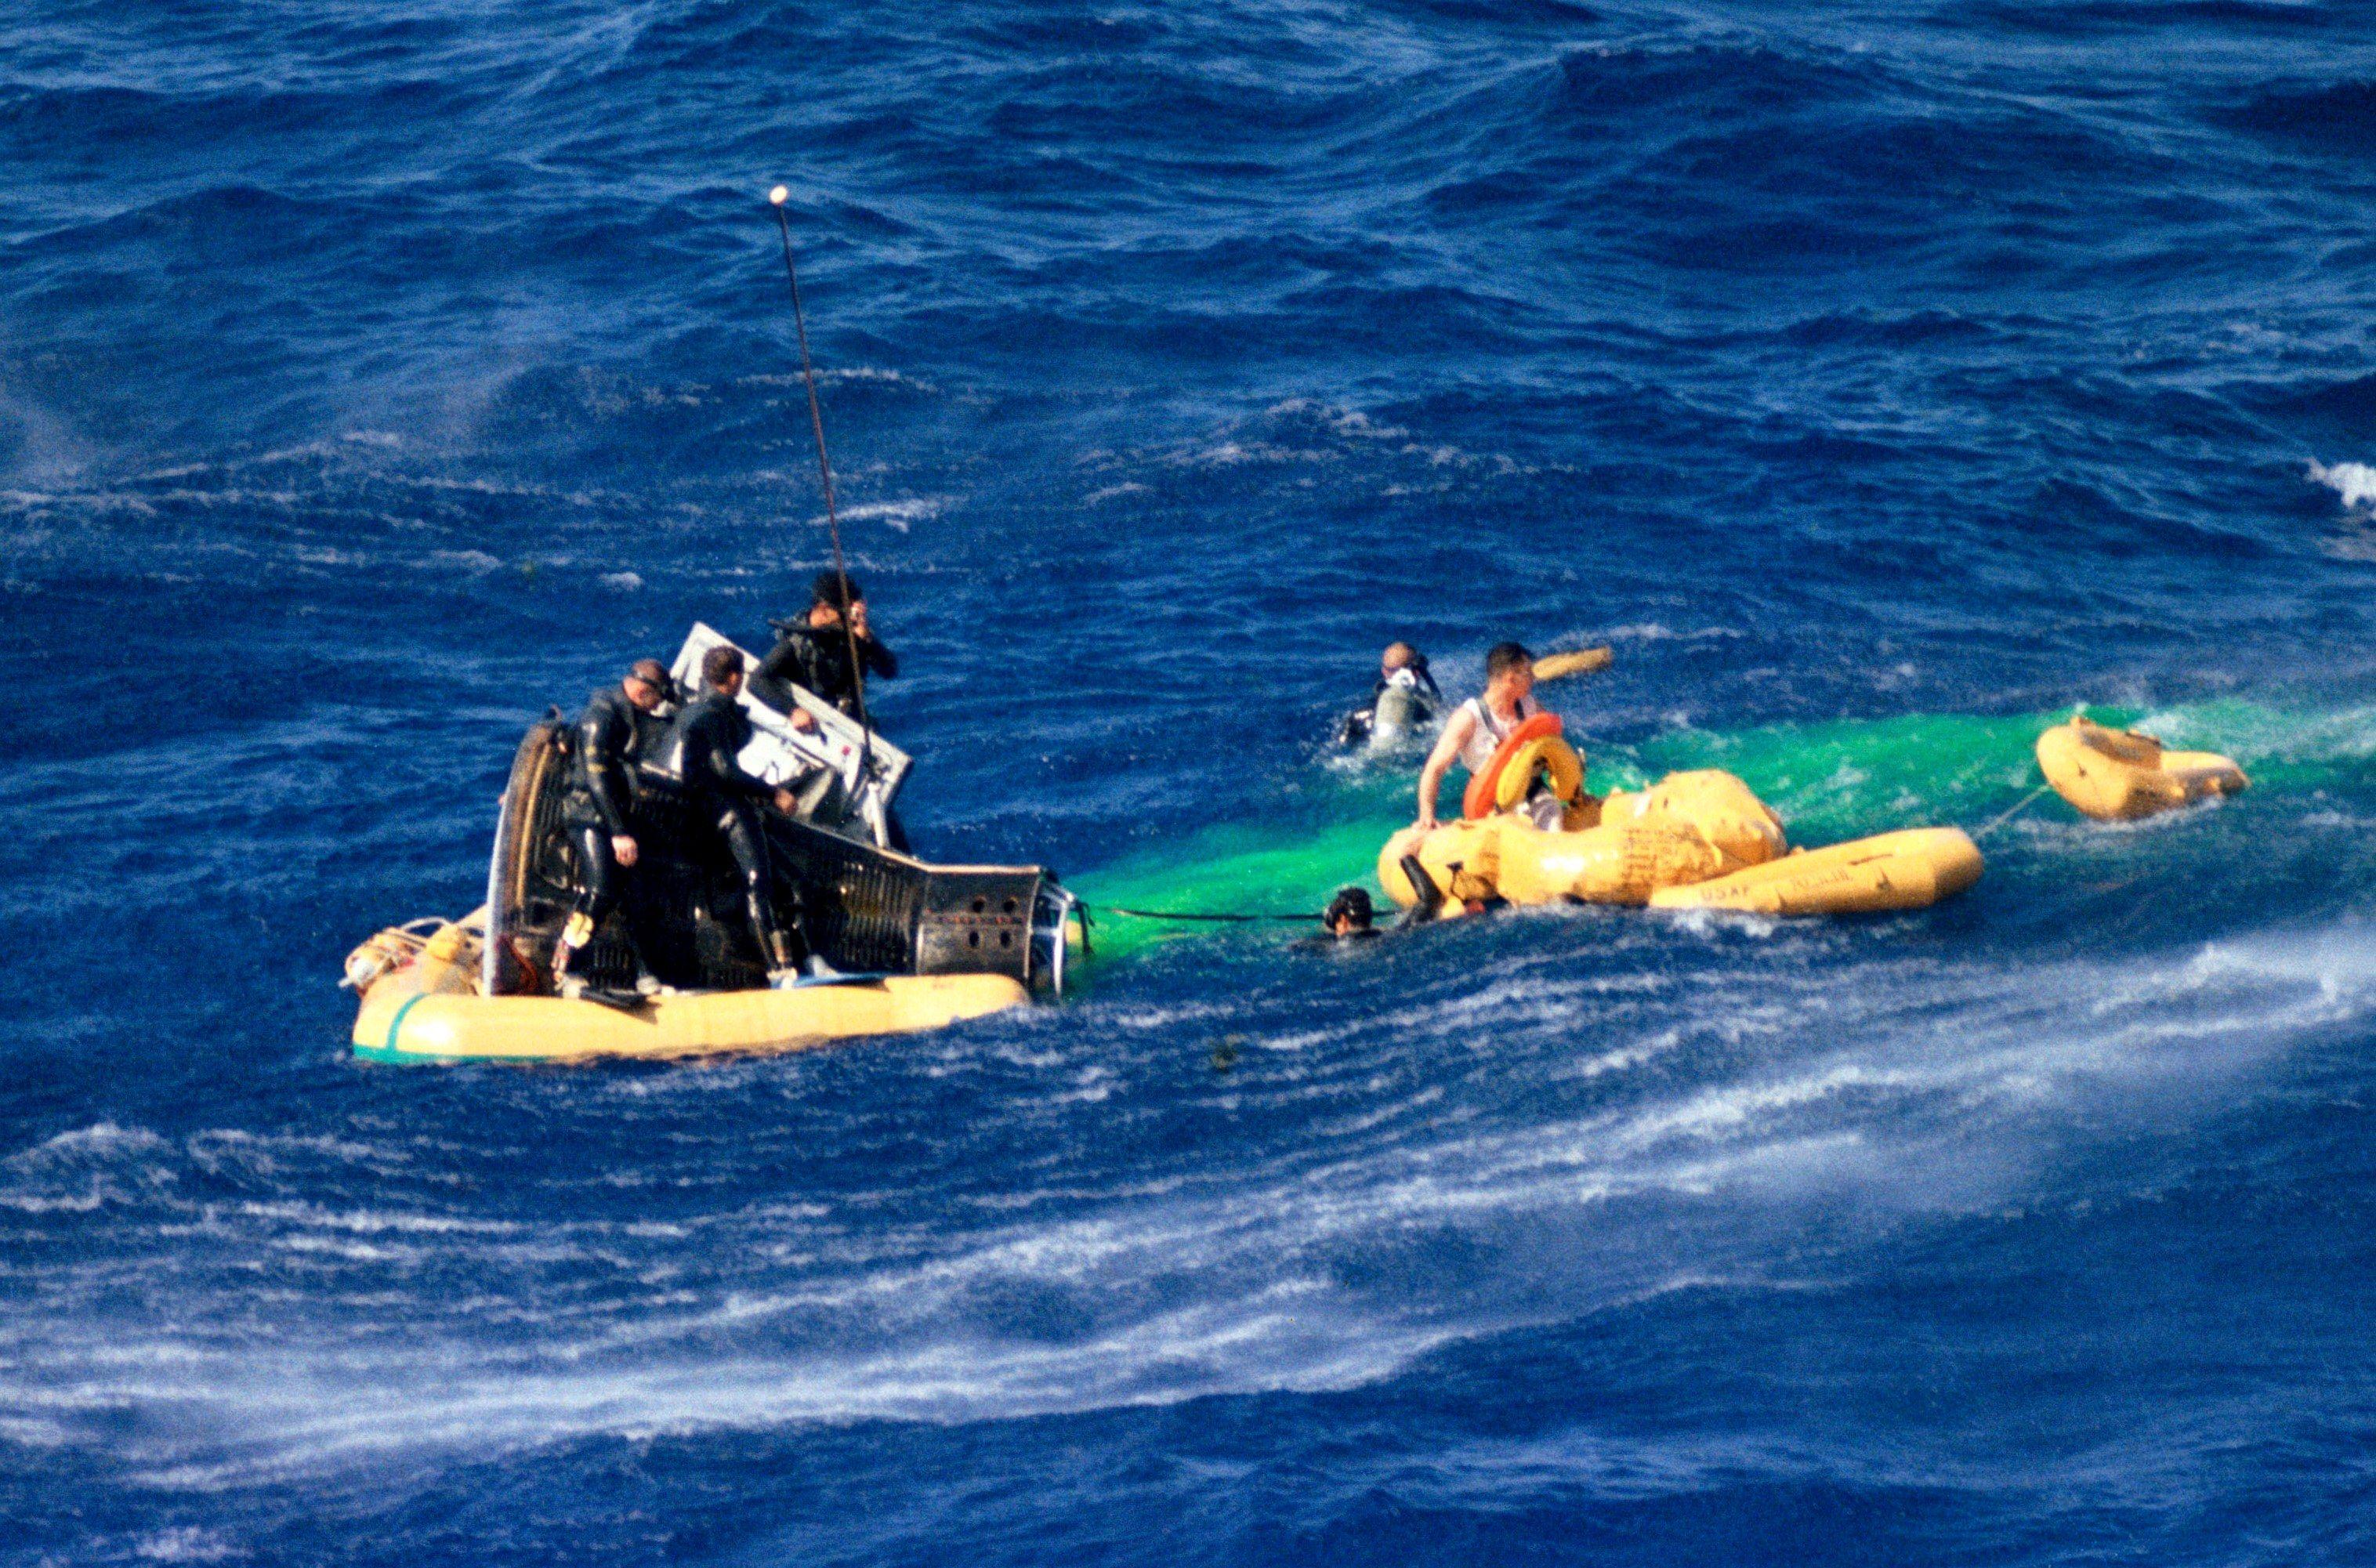 Gemini III pilot John Young waits in a life raft to be